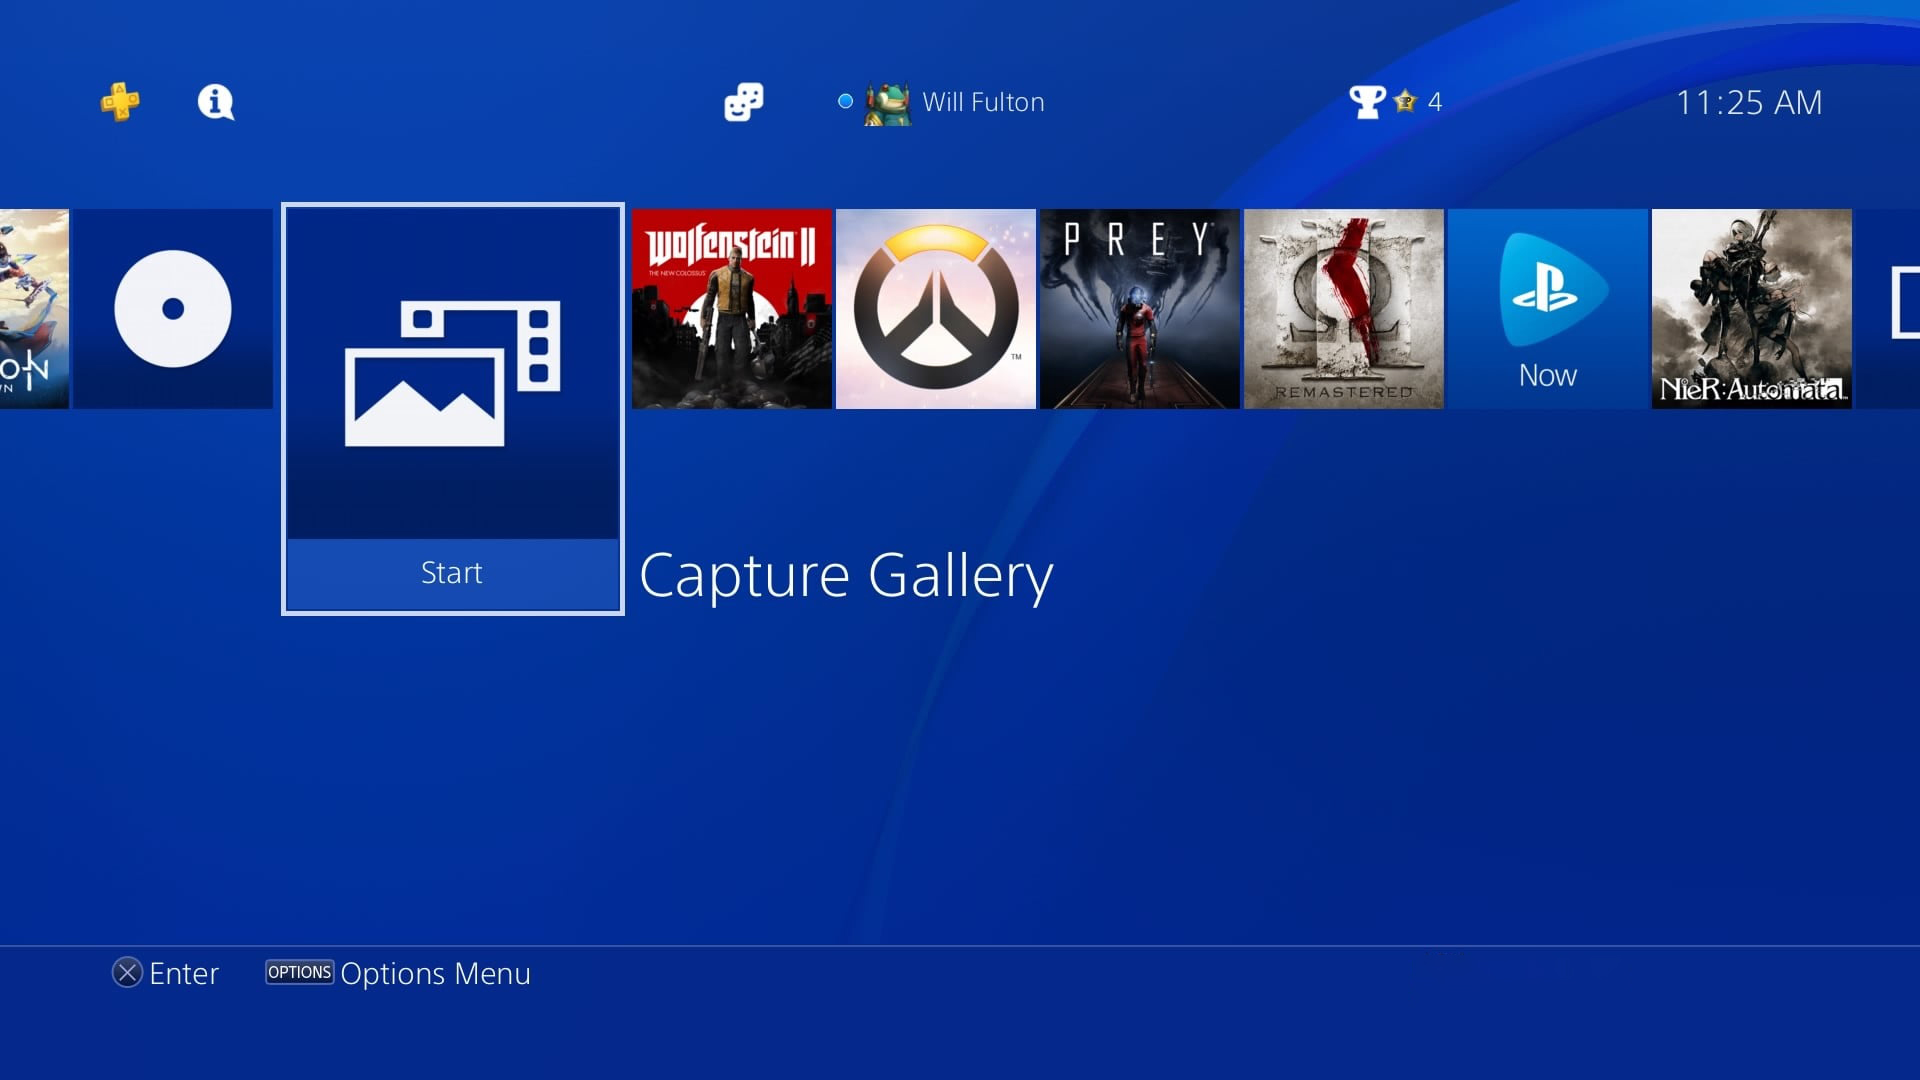 Capture Gallery